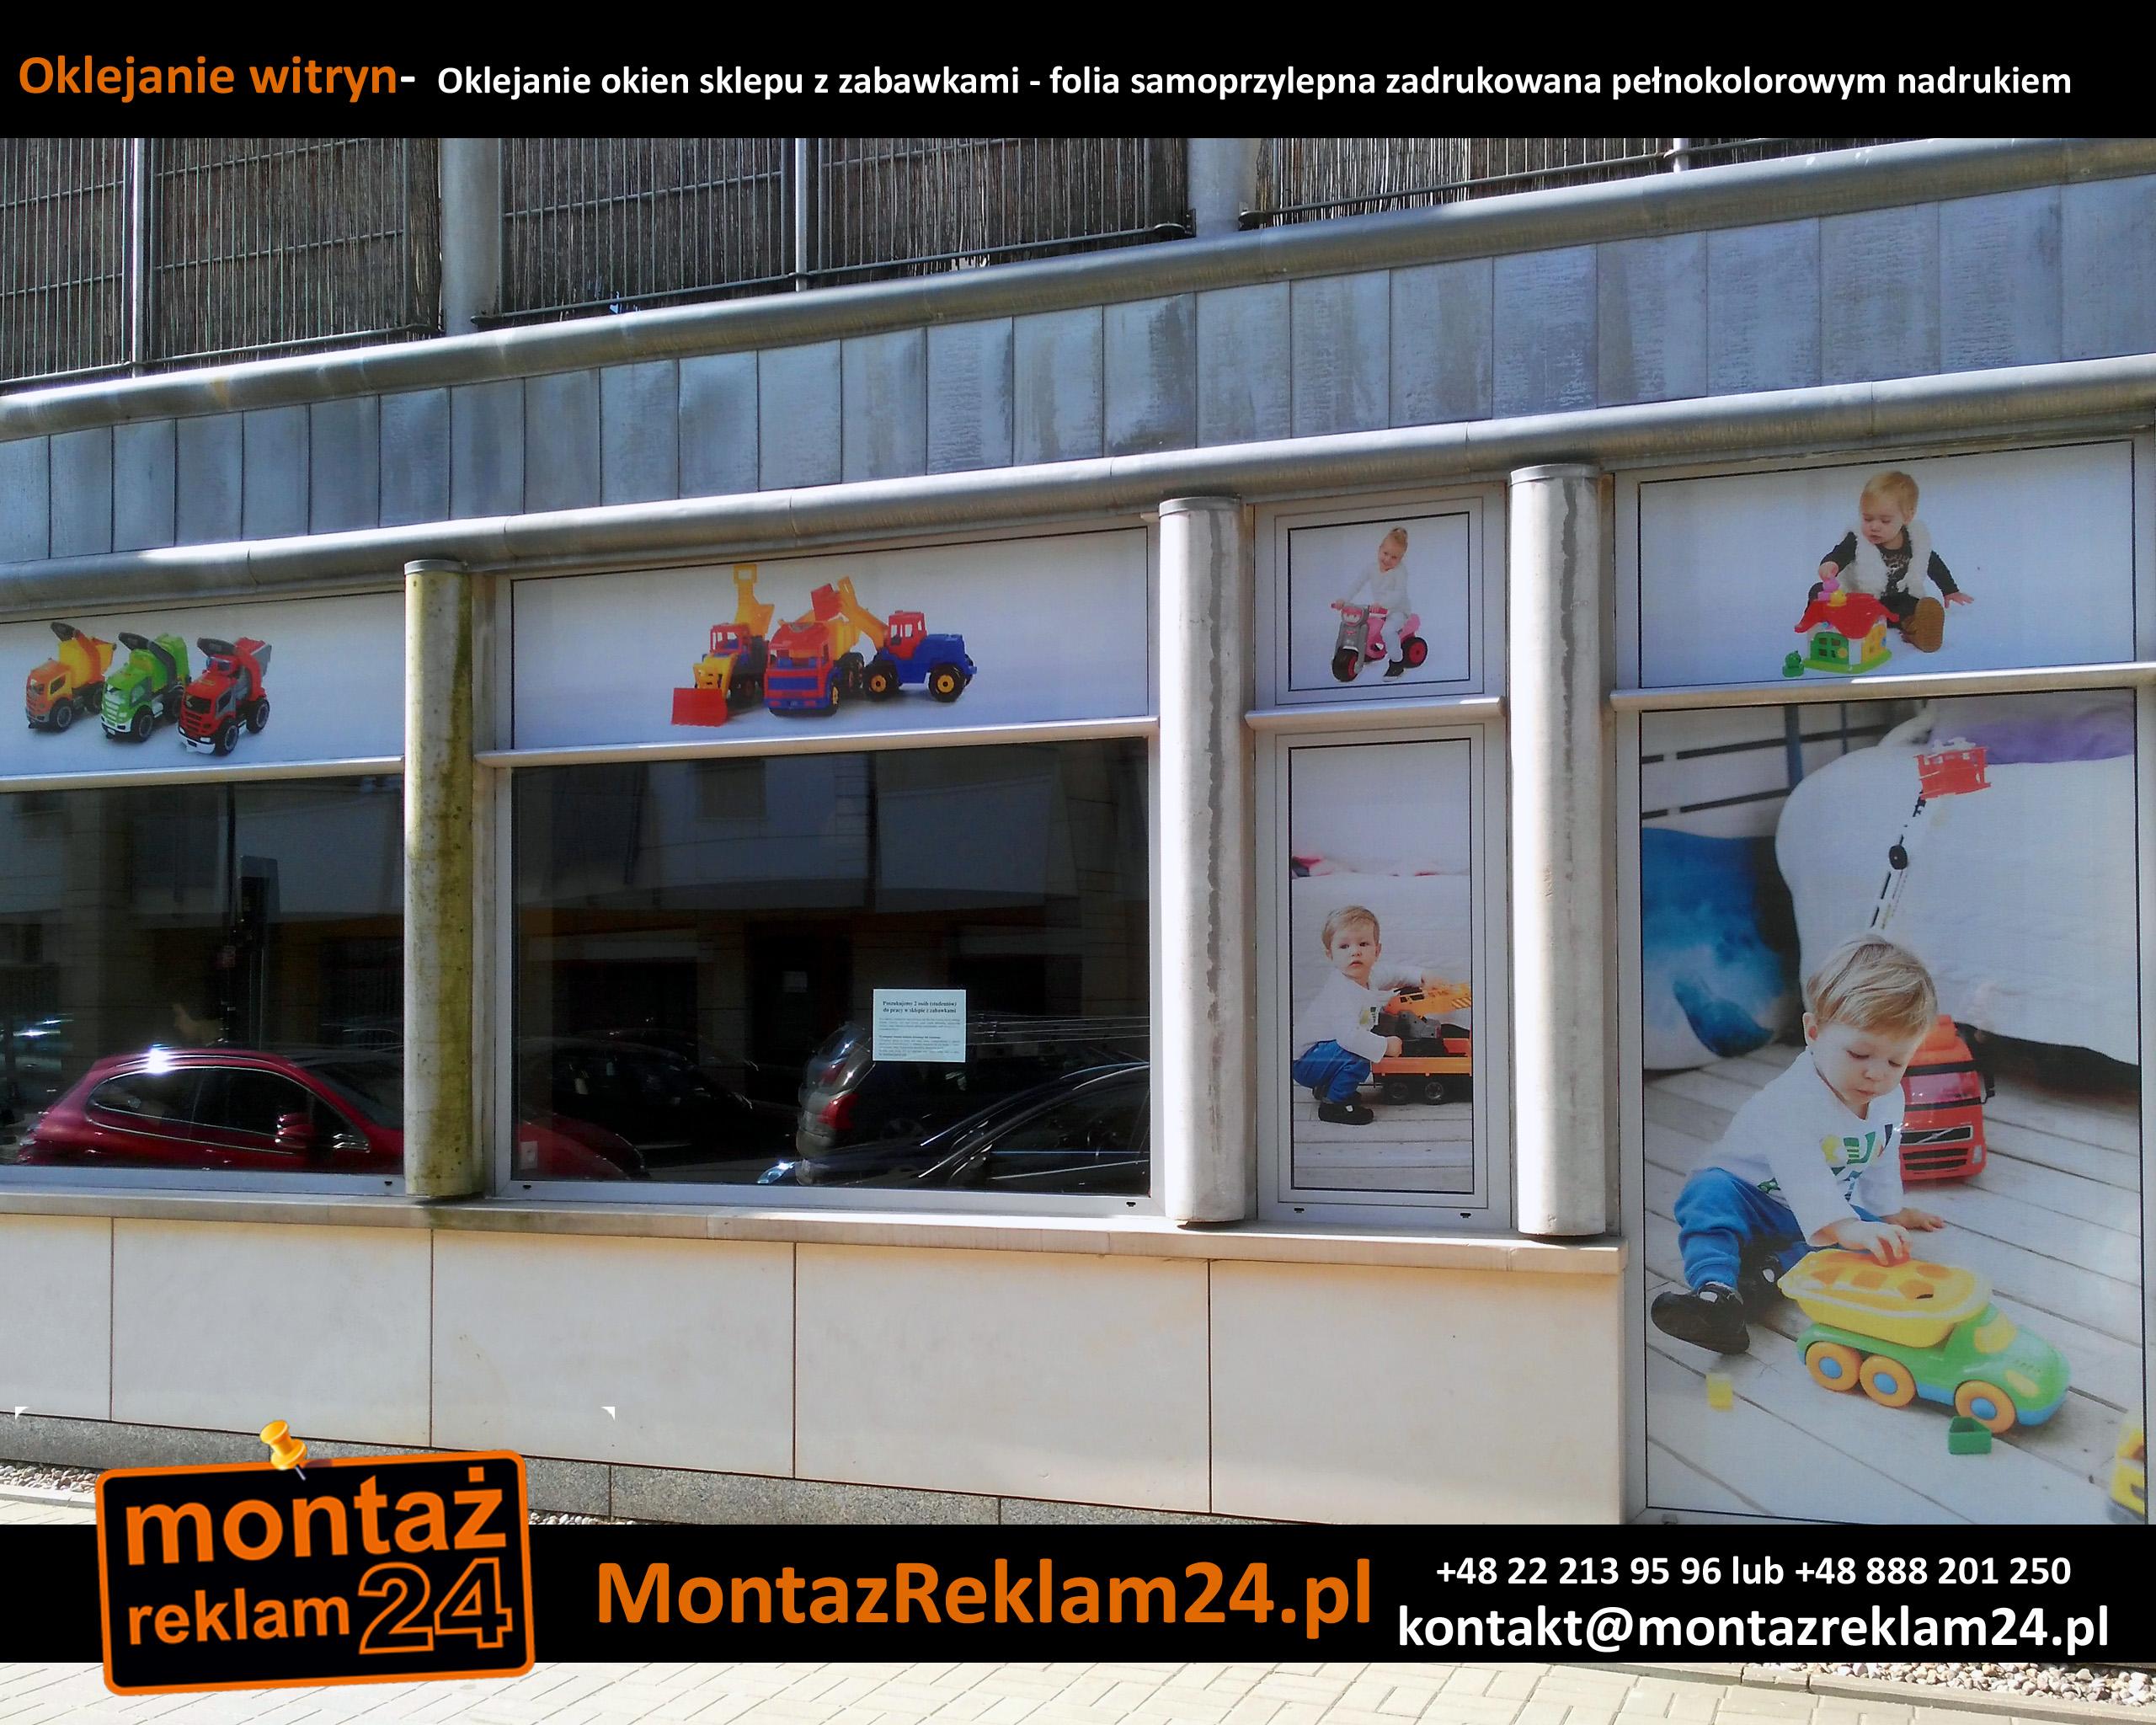 Oklejanie witryn-  Oklejanie okien sklepu z zabawkami - folia samoprzylepna zadrukowana pełnokolorowym nadrukiem.jpg